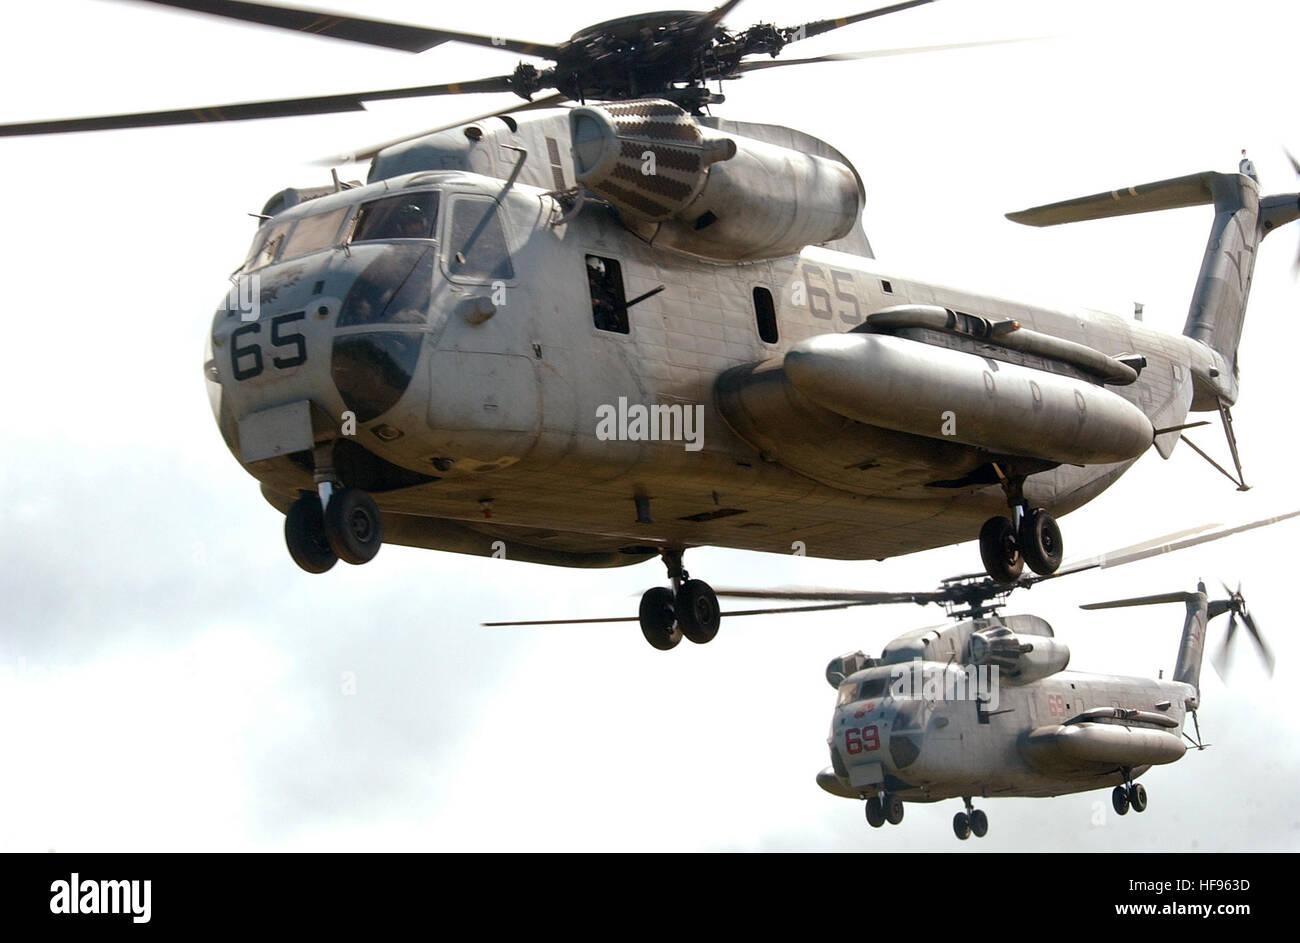 040717-N-6932B-204 Kahuku Training Bereich Oahu, Hawaii (17. Juli 2004) - CH-53D Sea Stallion-Hubschrauber, die ÒRed LionsÓ der Marine schwere Hubschrauber Geschwader drei sechs drei (HMH-363) zugewiesen Ansatz eine Landezone für die Einfügung einer Marine Rescue Force aus 3rd Marine Regiment Marine Corps Base Hawaii, während eine taktische Wiederherstellung der Flugzeuge und Personal (TRAP) Übung zur Unterstützung der Rand des Pazifik (RIMPAC) 2004. RIMPAC ist die größte internationale maritime Übung in den Gewässern um die Inseln von Hawaii. Das diesjährige Übung umfasst sieben teilnehmenden Nationen; Australien, Canad Stockfoto